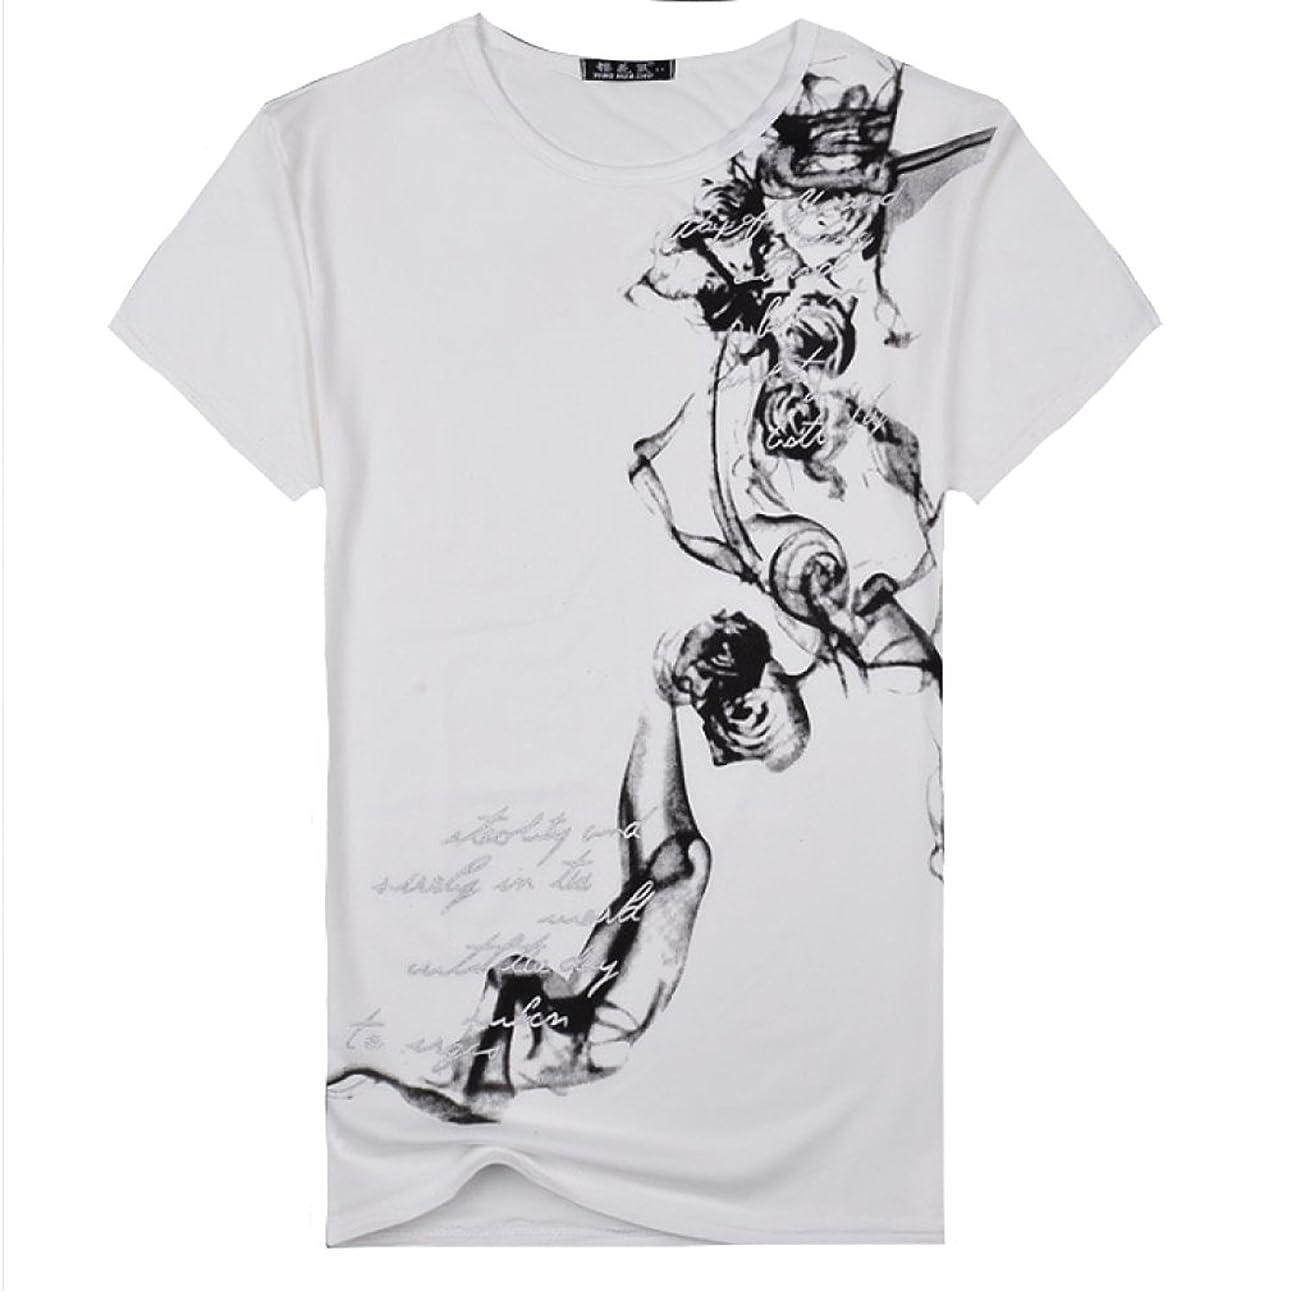 騙す喪事故SmaidsxSmile(スマイズ スマイル) Tシャツ トップス カットソー インナー 半袖 刺青 柄 デザイン 丸首 英字 メンズ